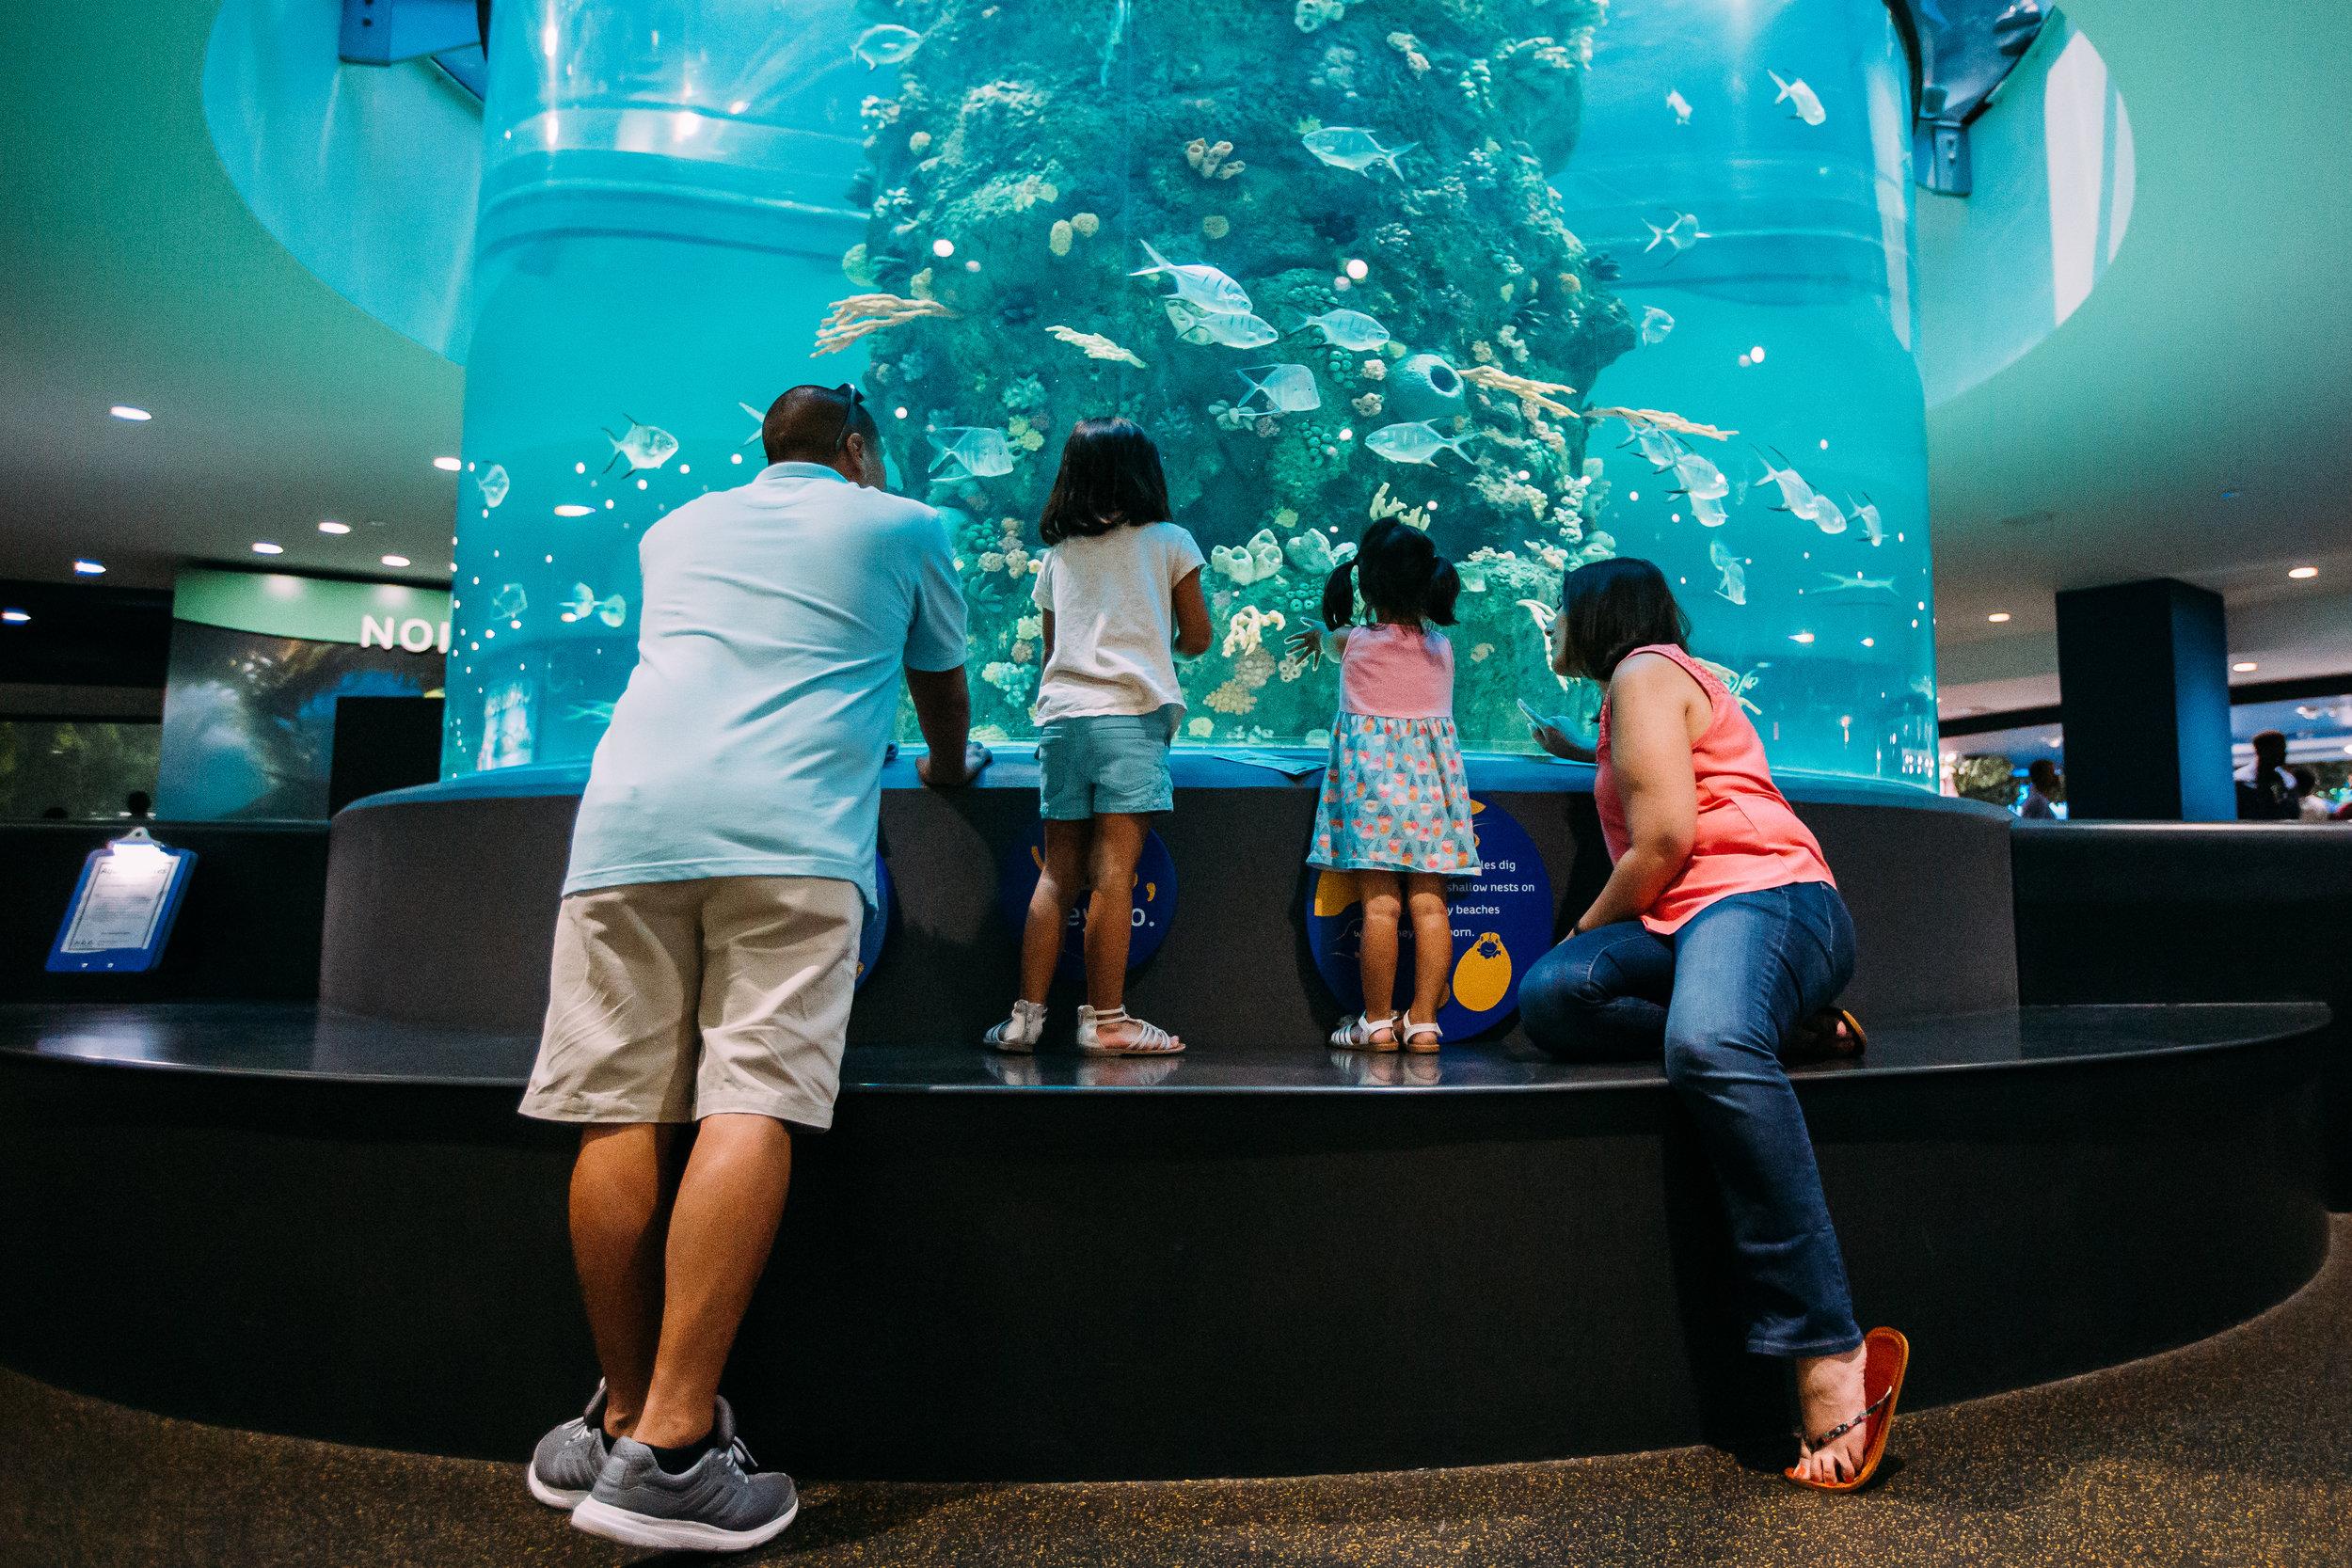 Family of 4 at the aquarium